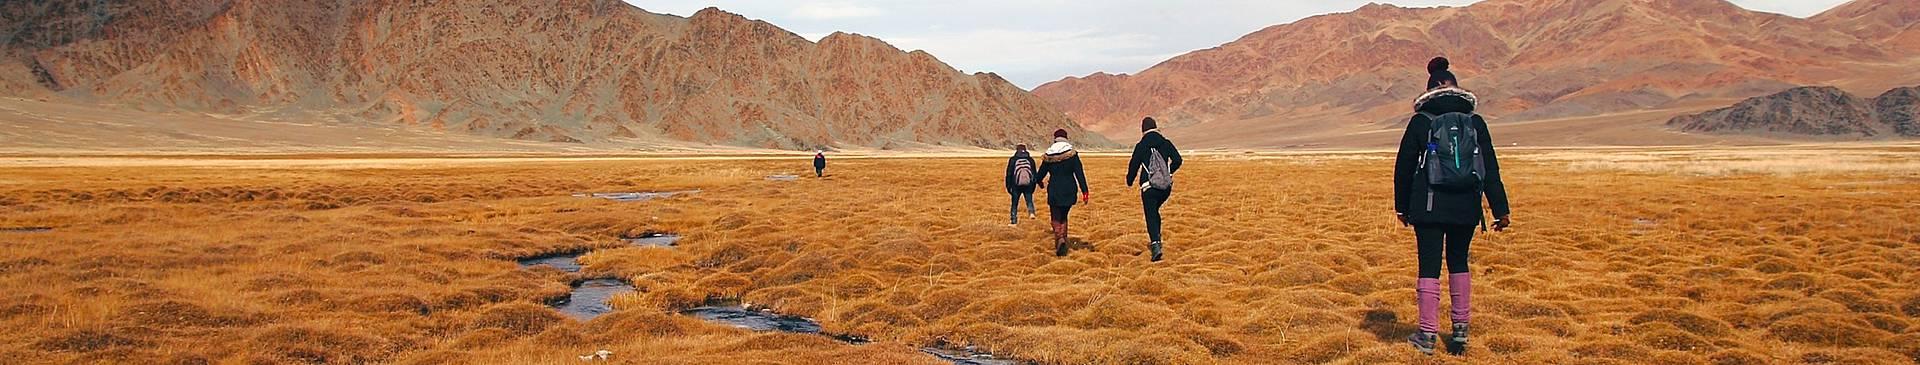 Circuits Rejoindre un groupe - GIR en Mongolie